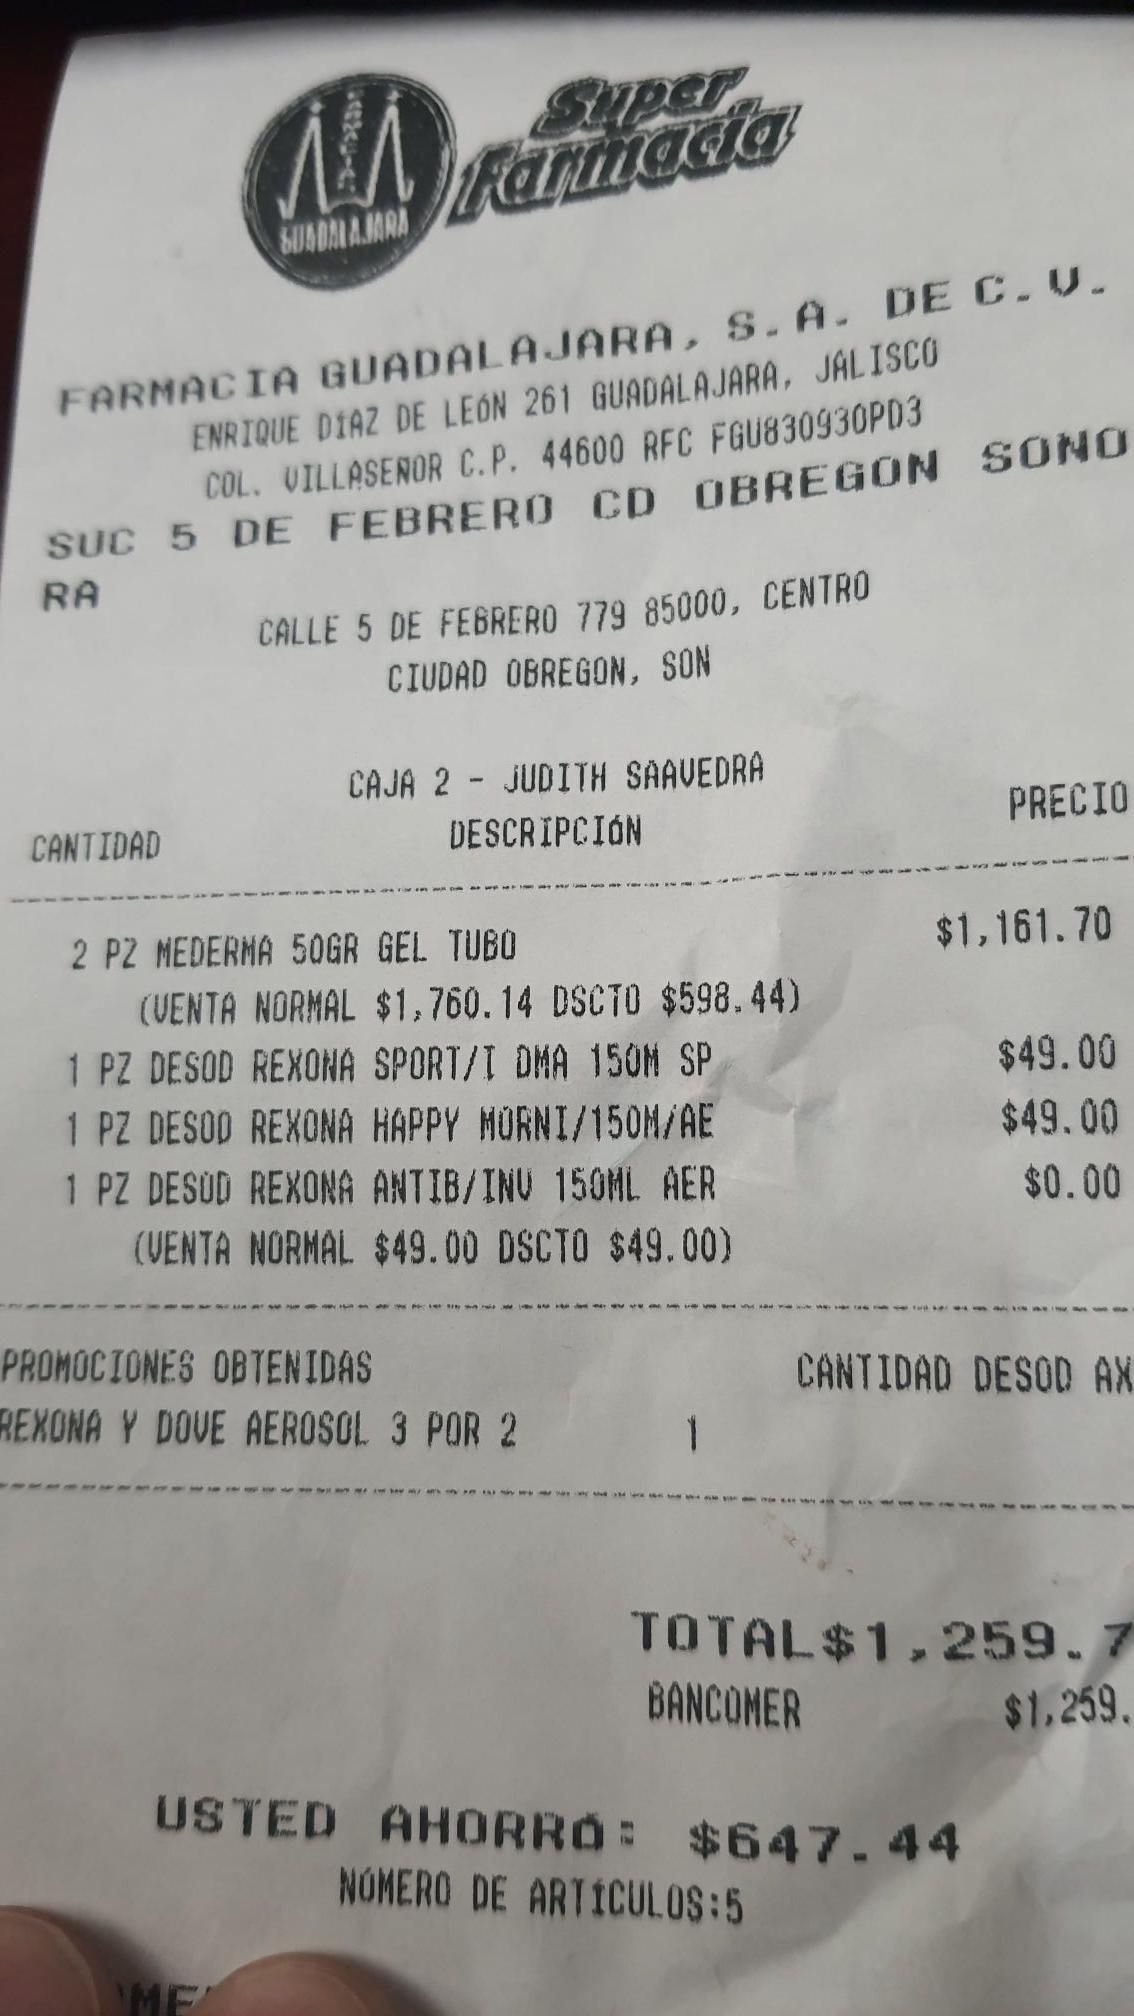 Gel mederma 50 gr en Farmacia Guadalajara